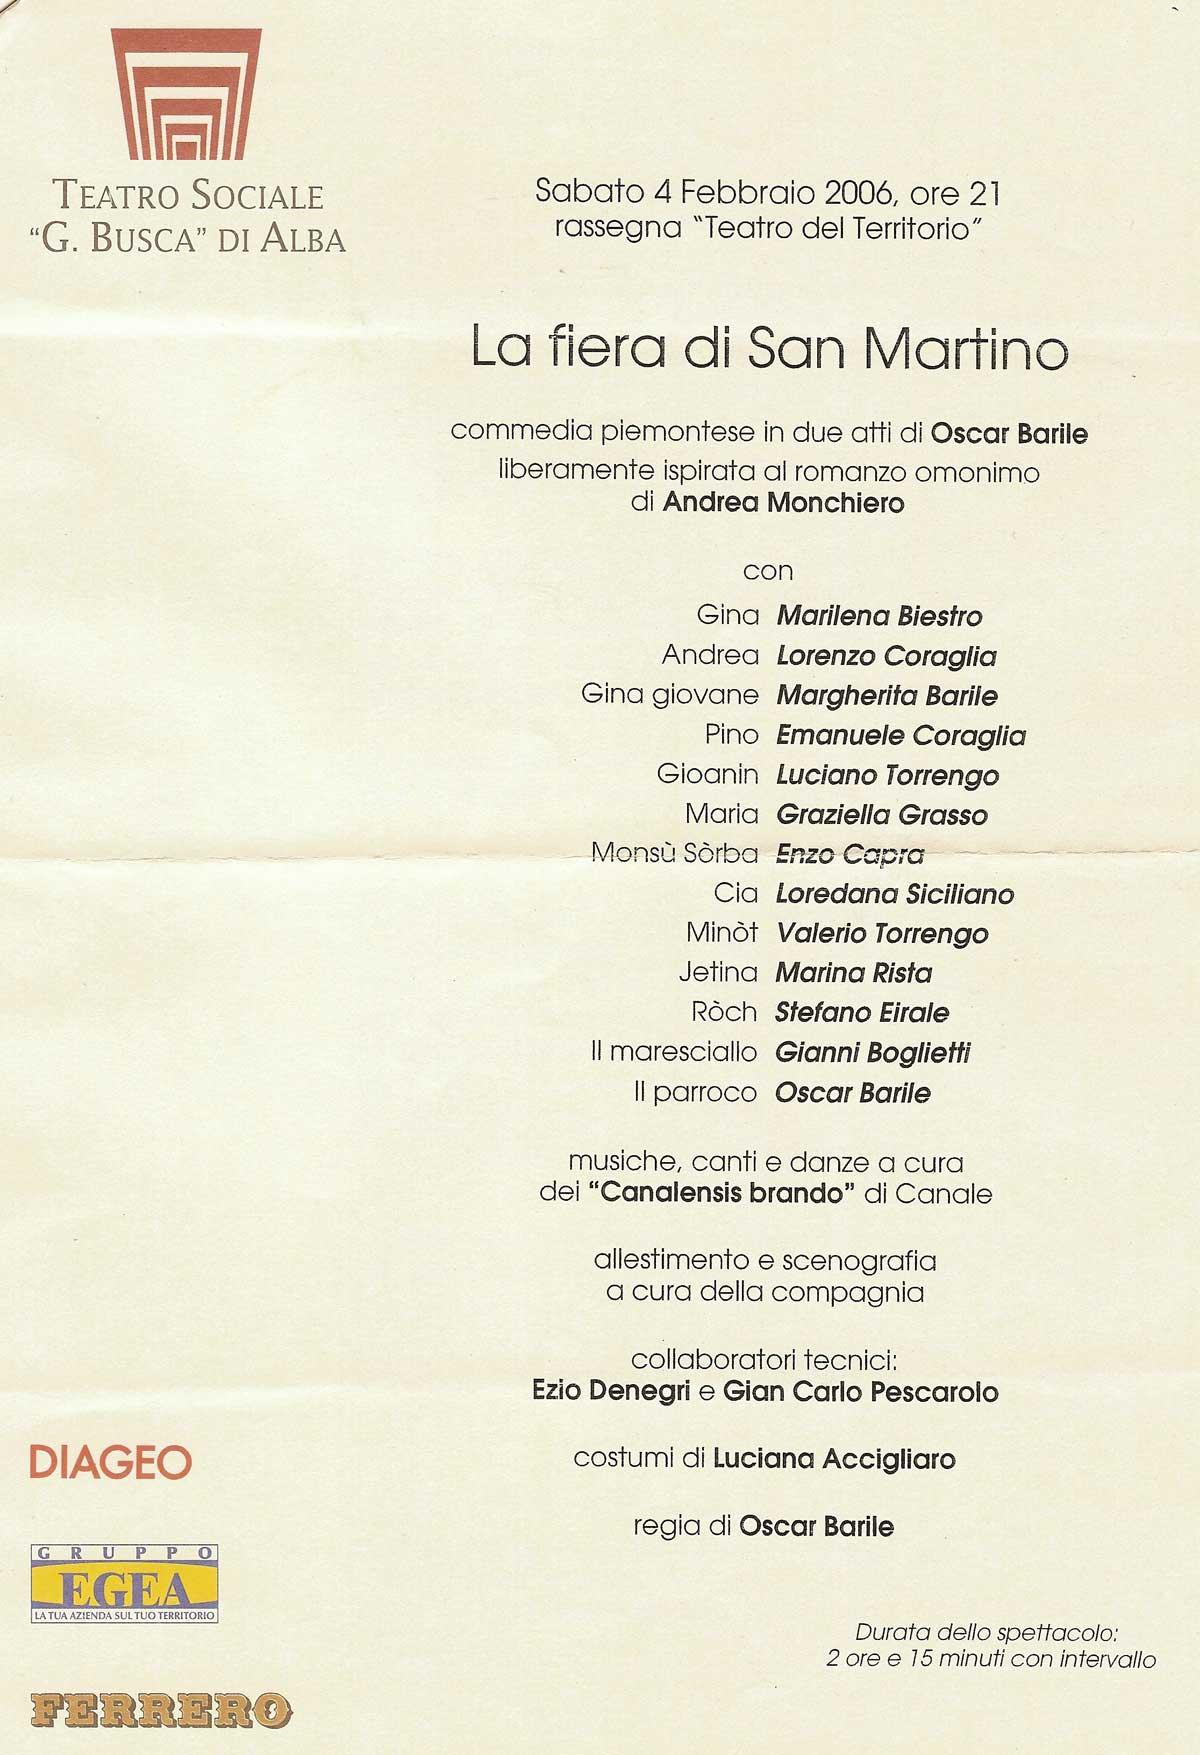 """La locandina dello spettacolo teatrale dedicato a """"La Fiera di San Martino"""", che ha debuttato al Teatro Sociale di Alba il 4 Febbraio 2006."""